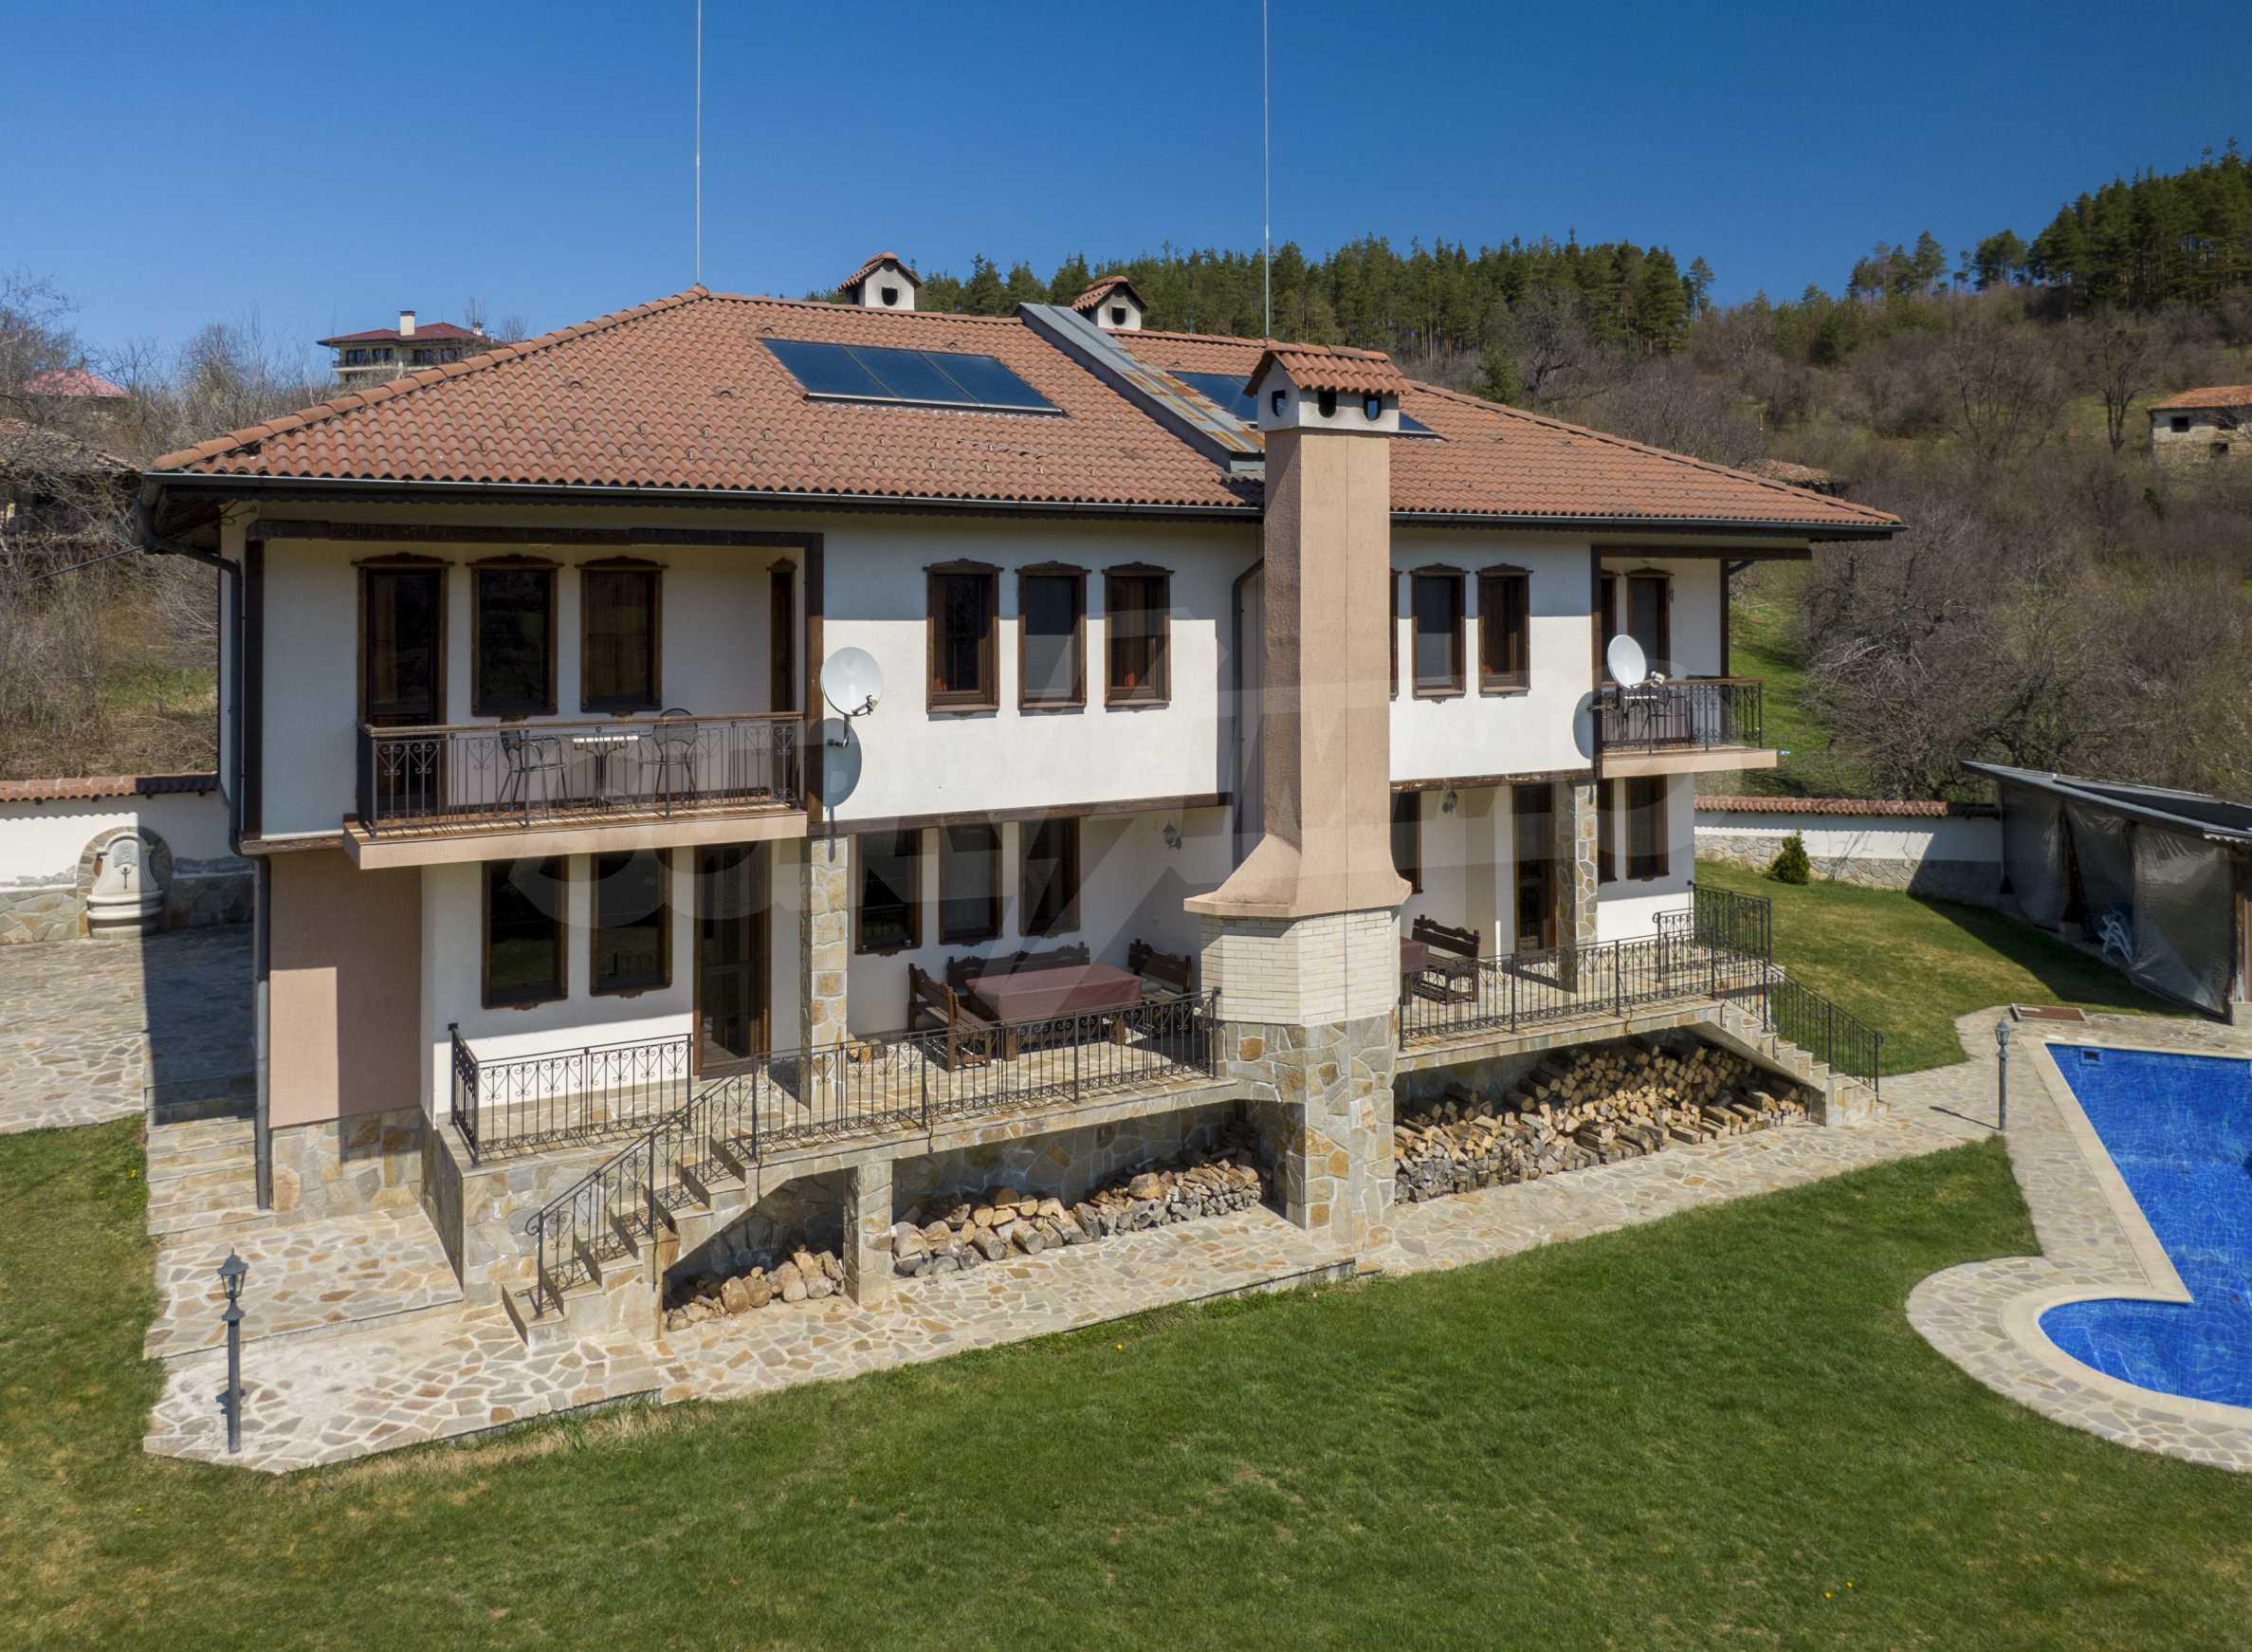 Zwei Doppelhäuser mit Swimmingpool in einem gemeinsamen Hof, nur 5 km vom Yovkovtsi-Damm entfernt 7